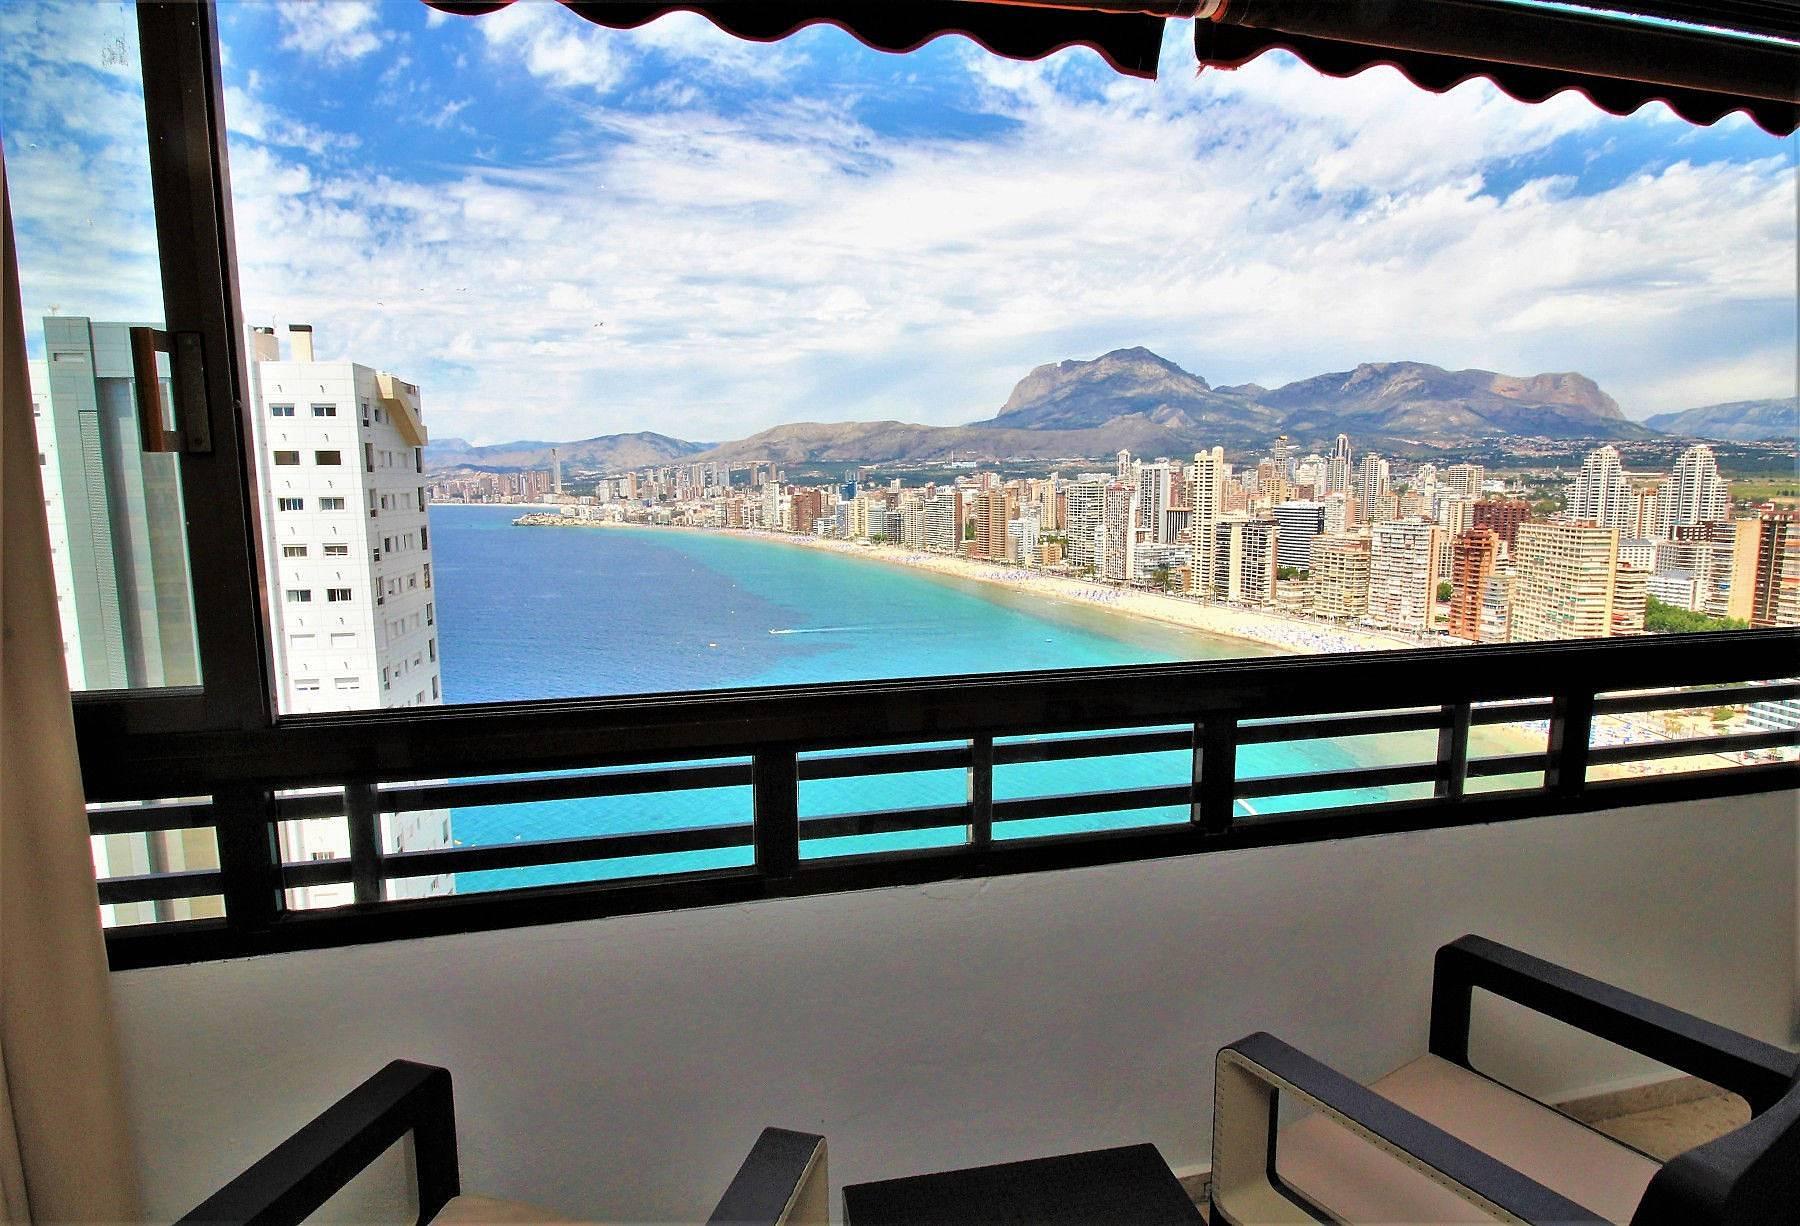 Apartamento en alquiler en coblanca coblanca benidorm alicante costa blanca - Alquiler de apartamentos en benidorm particulares ...